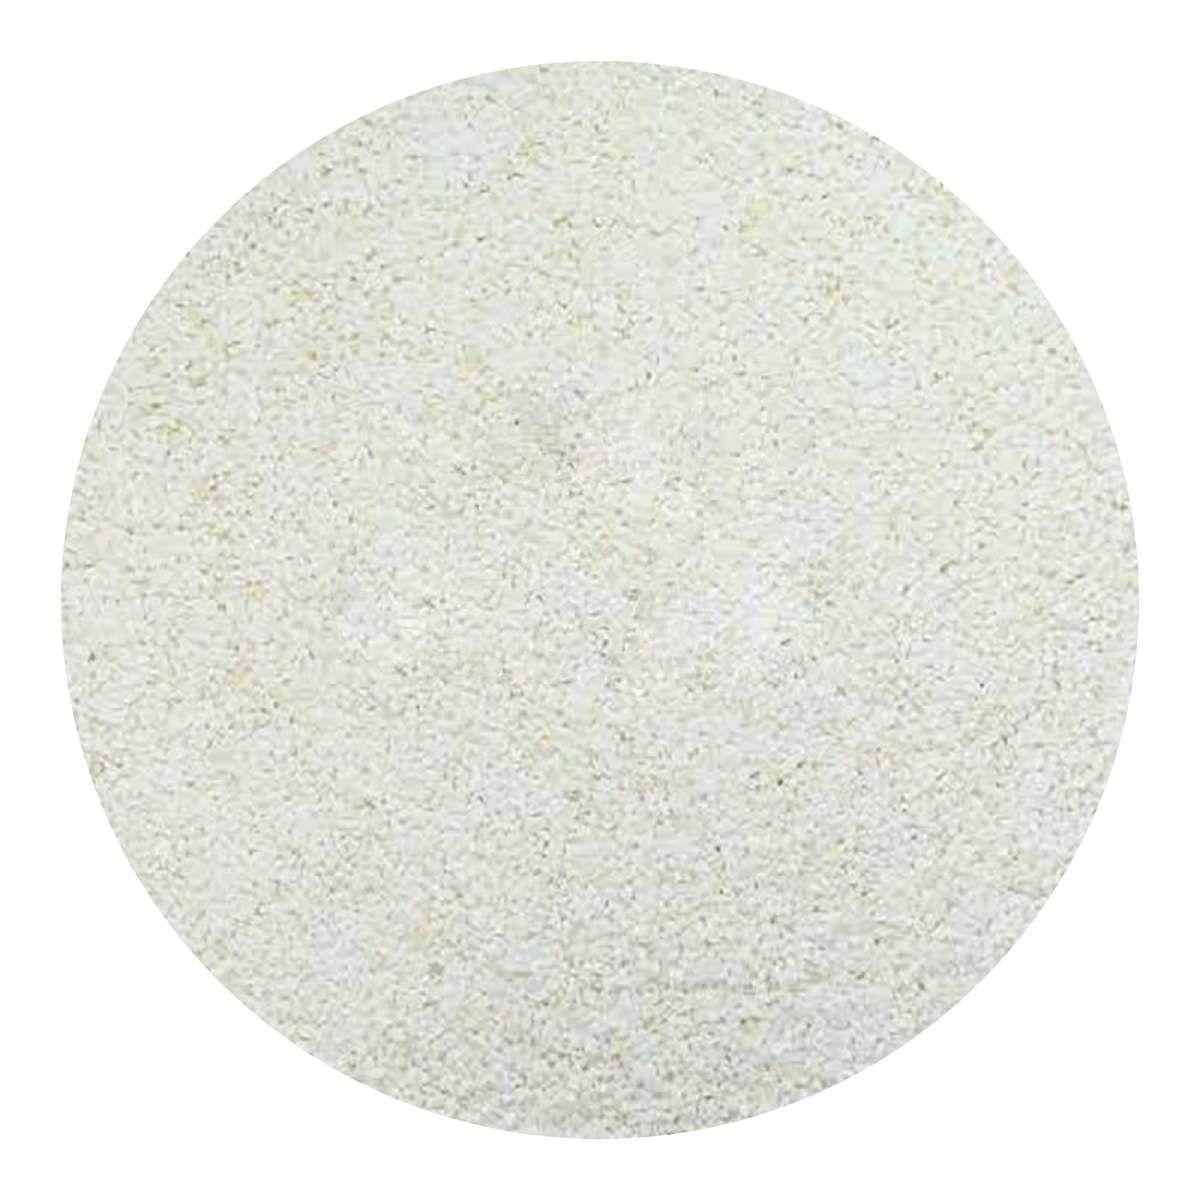 Substrato Ocean Tech Snow White 25kg Alcalino p/ Água Doce